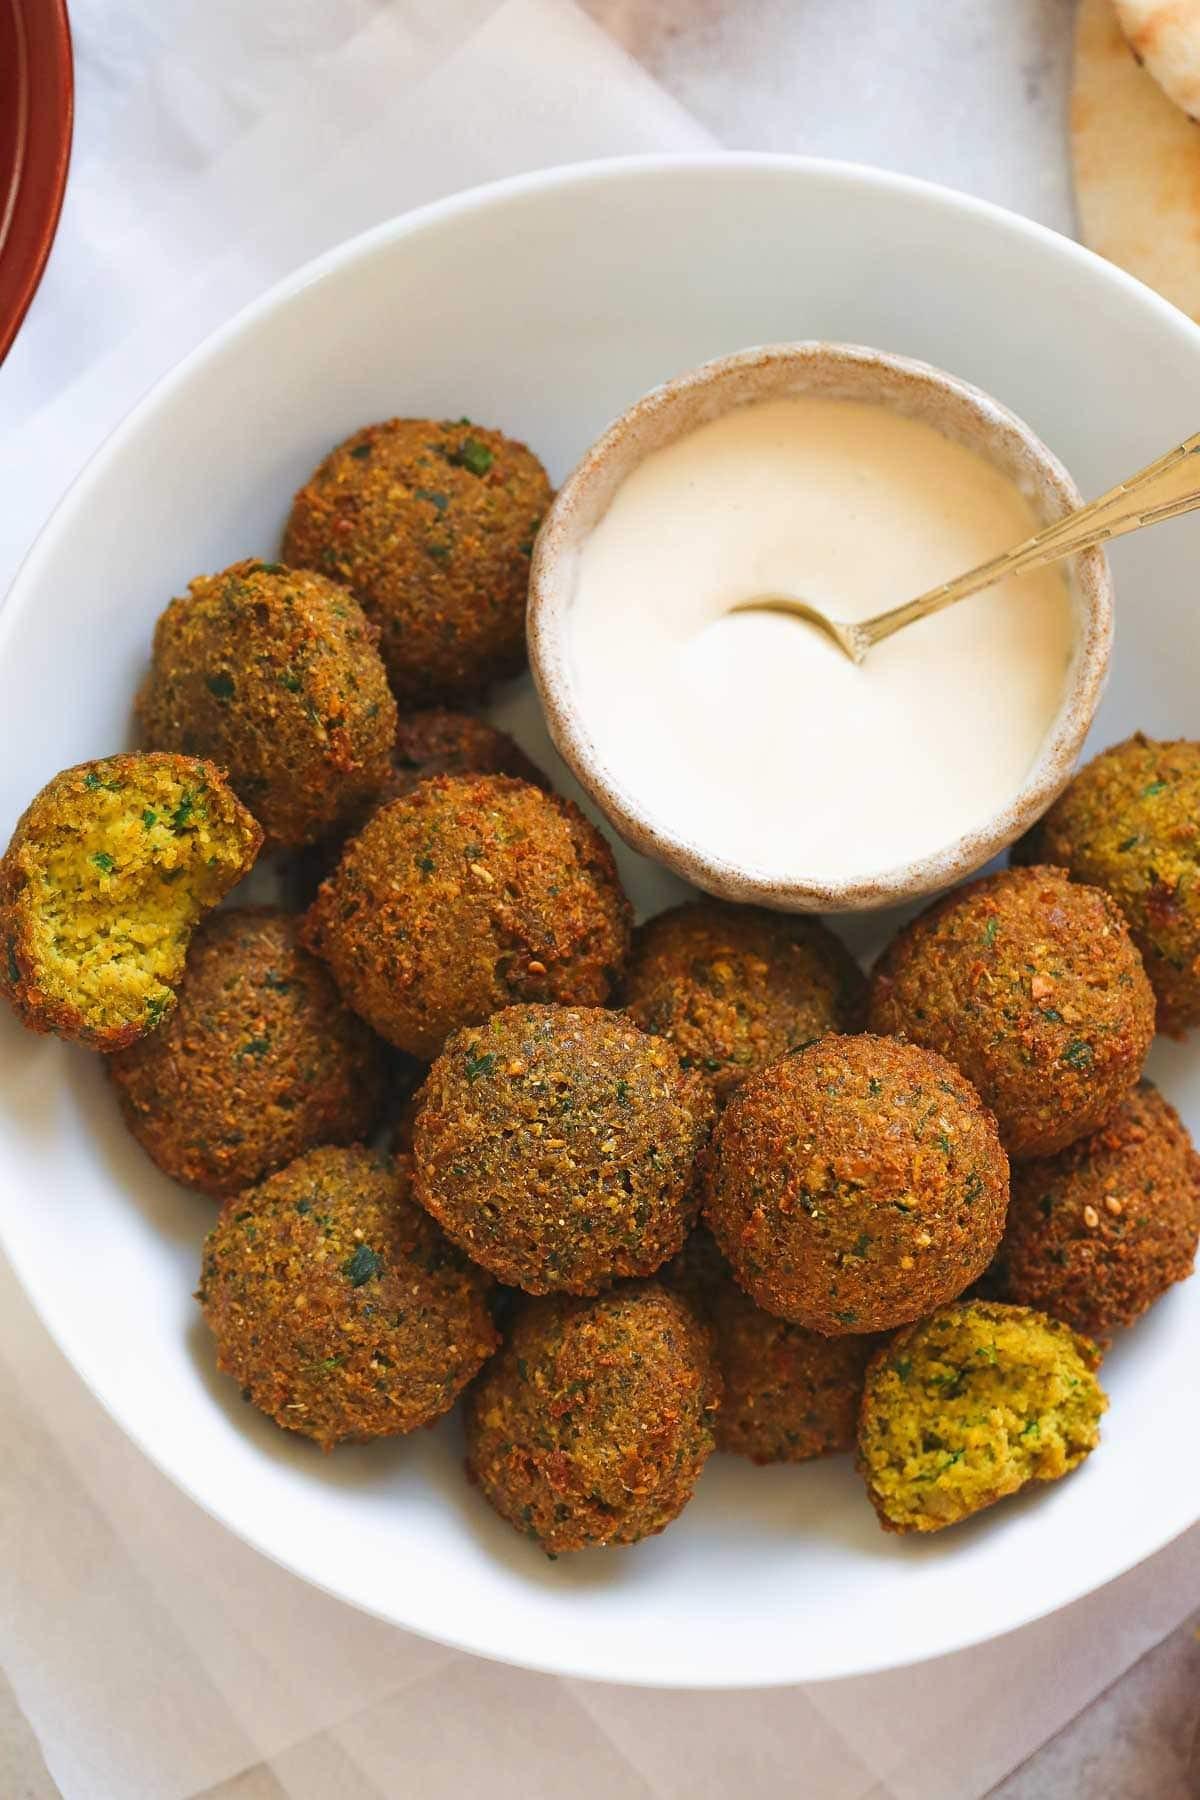 أكلات هندية نباتية - طريقة عمل كرات الحمص الهندية